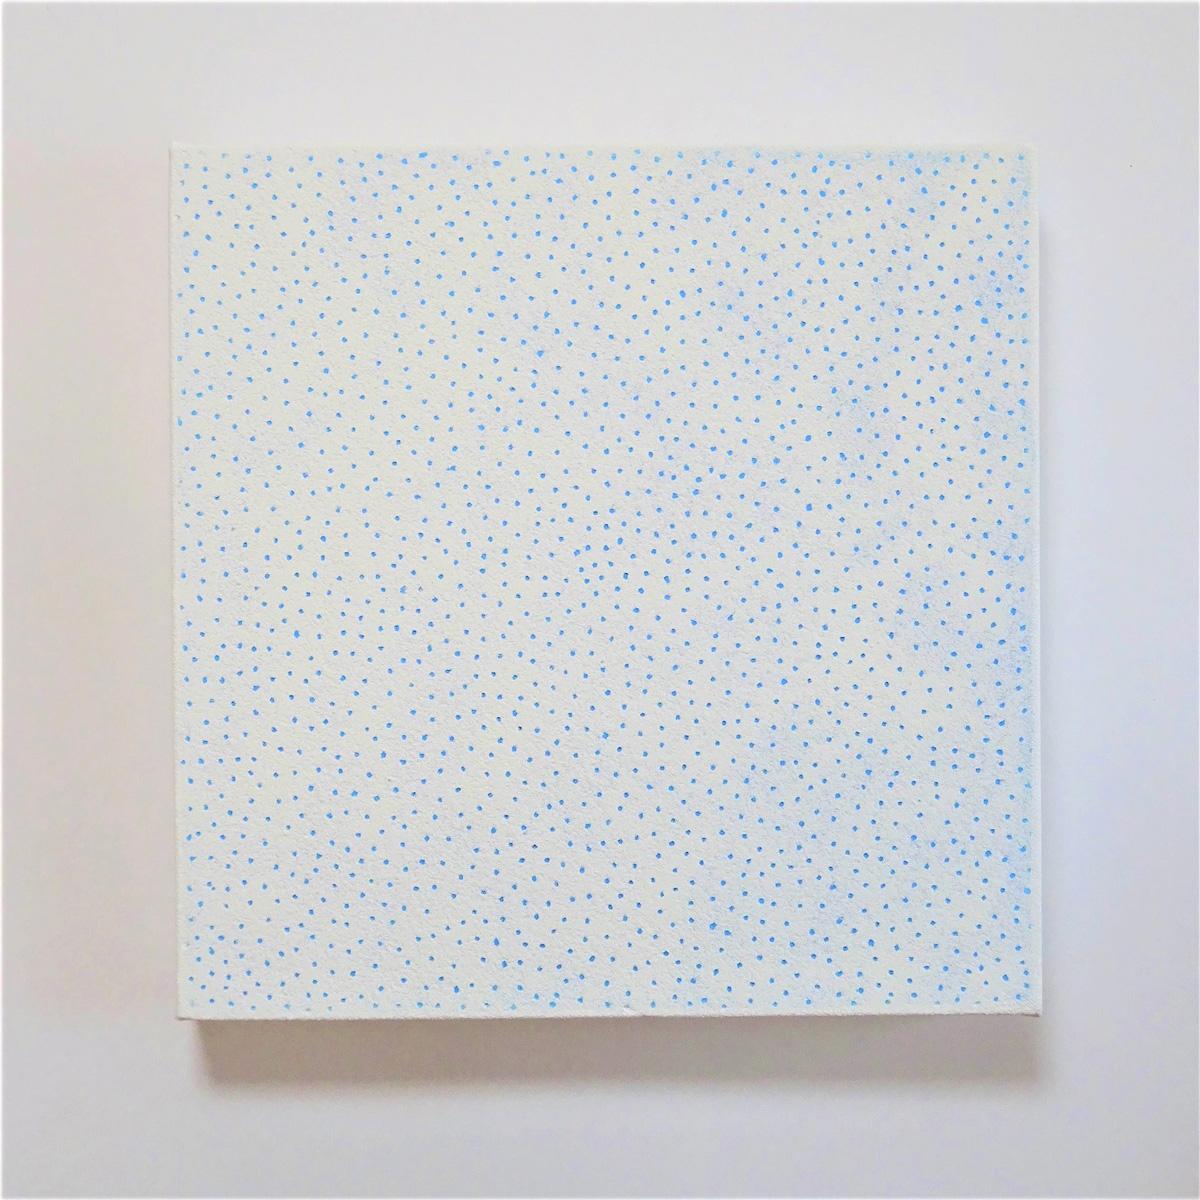 絵画レンタル販売 Art beans【No.195】「被膜の針孔 ホワイト&スカイブルー」/垣野内紀之